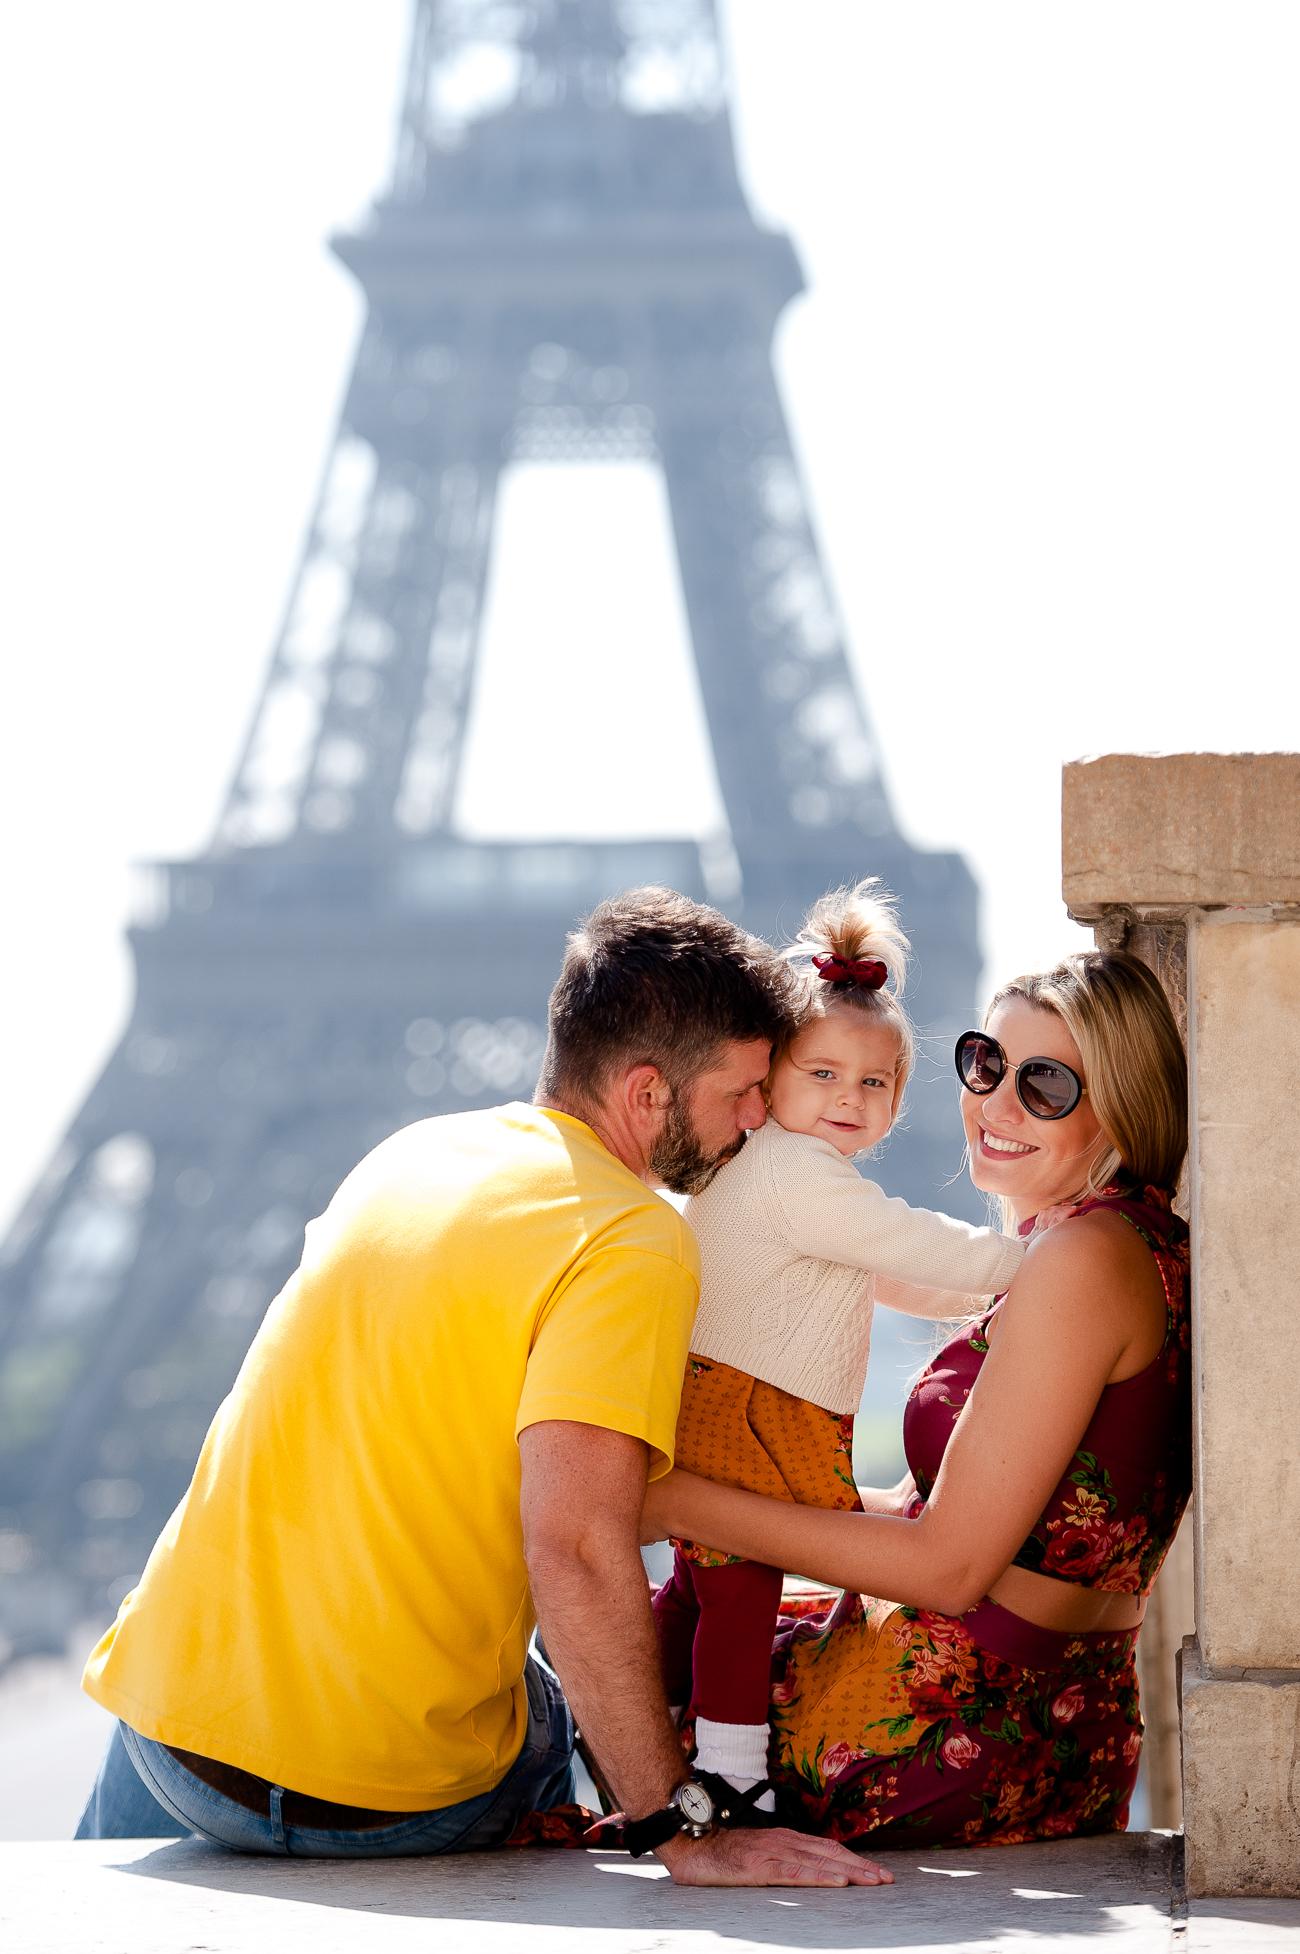 fotografo profissional de fotos de familia em paris